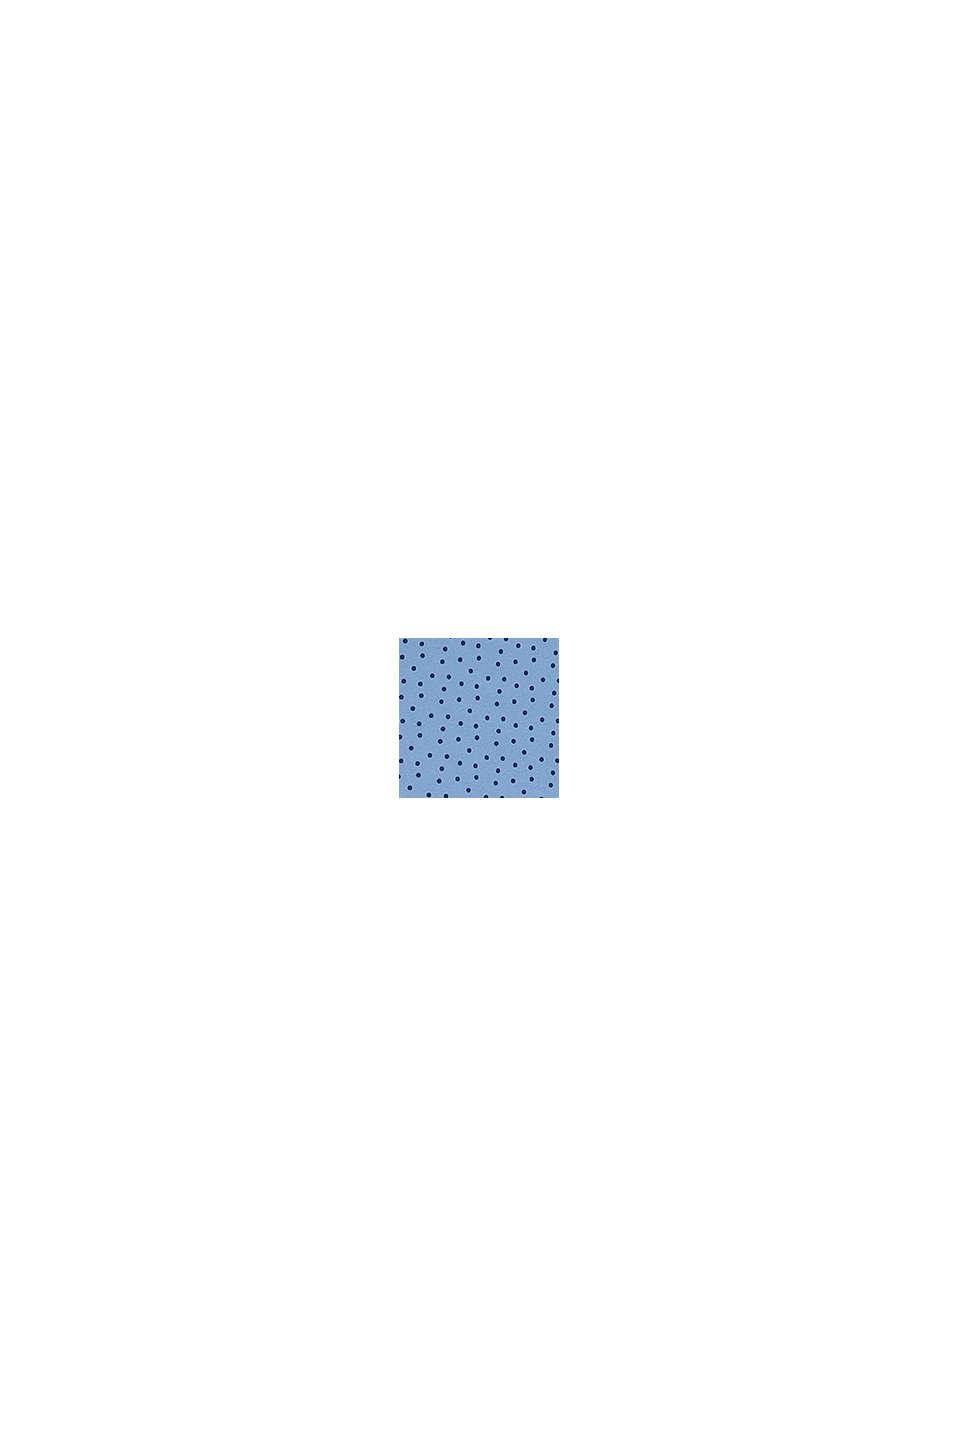 Camiseta de manga larga con lunares, algodón ecológico, BRIGHT BLUE, swatch